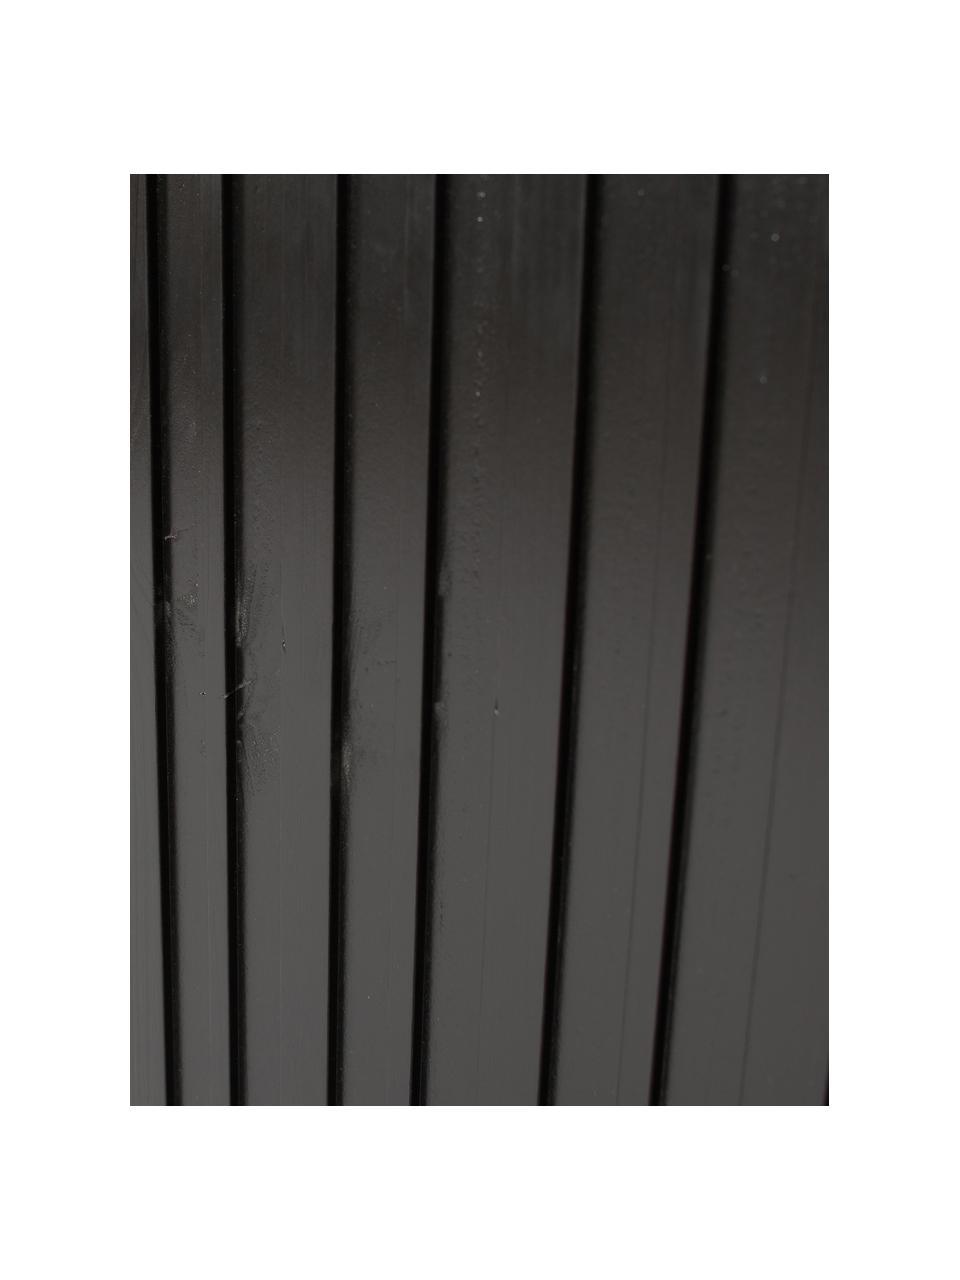 Schwarzes Standregal Gravure mit Stauraum, Korpus: Kiefernholz, massiv, lack, Füße: Metall, lackiert, Einlegeböden: Sperrholz, laminiert, Schwarz, 100 x 200 cm